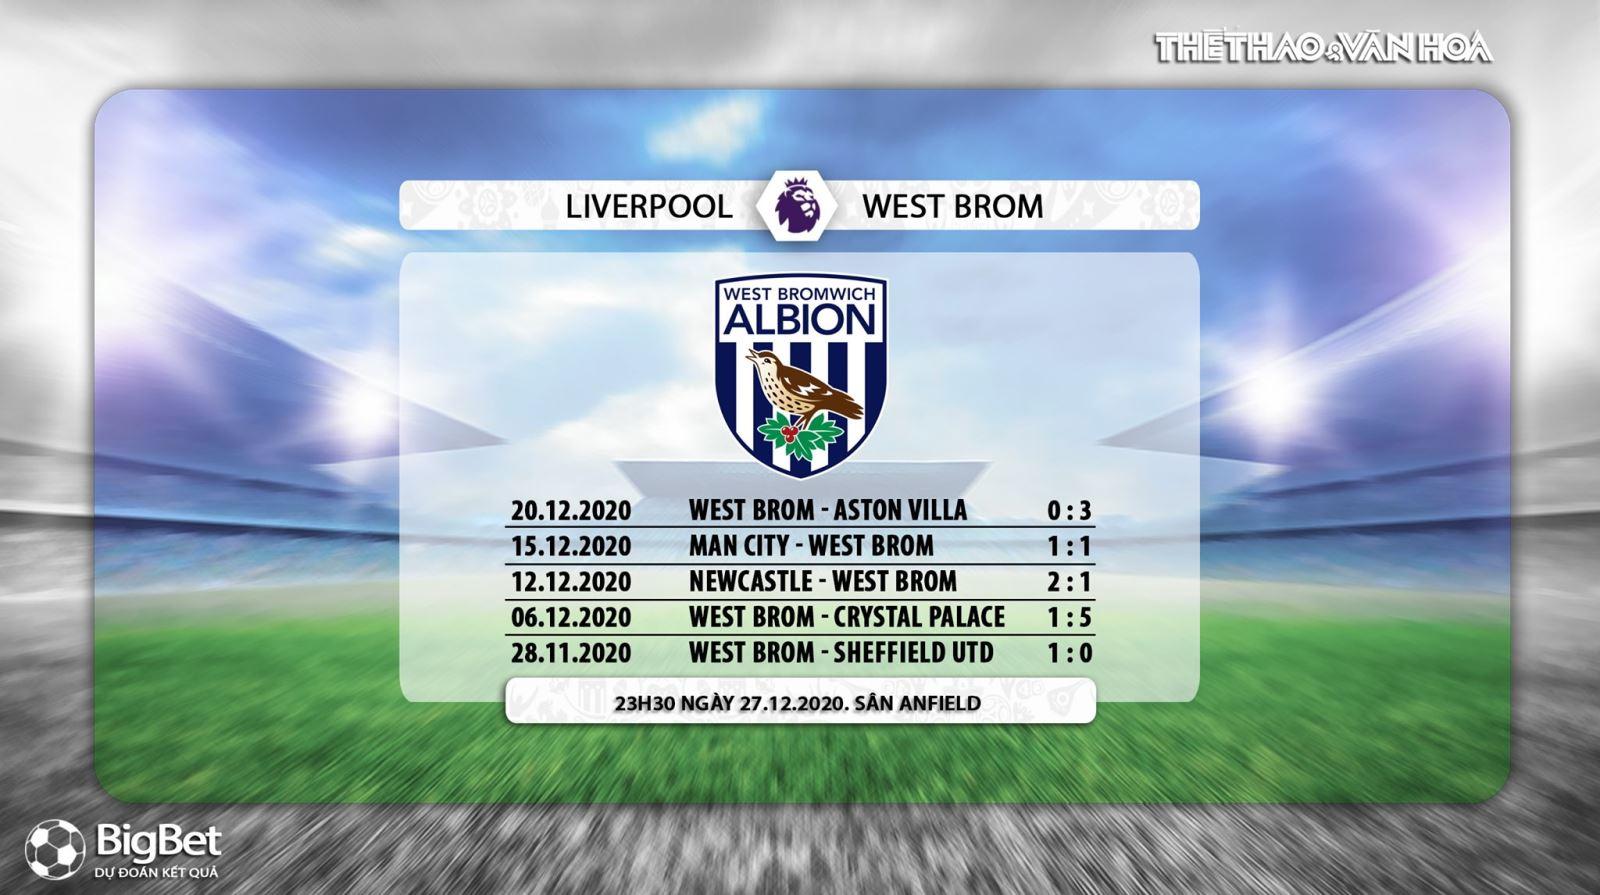 Trực tiếp bóng đá: Liverpool vs West Brom. K+, K+PM trực tiếp Ngoại hạng Anh hôm nay. Trực tiếp bóng đá Liverpool vs West Brom. Xem bóng đá trực tiếp Liverpool-West Brom